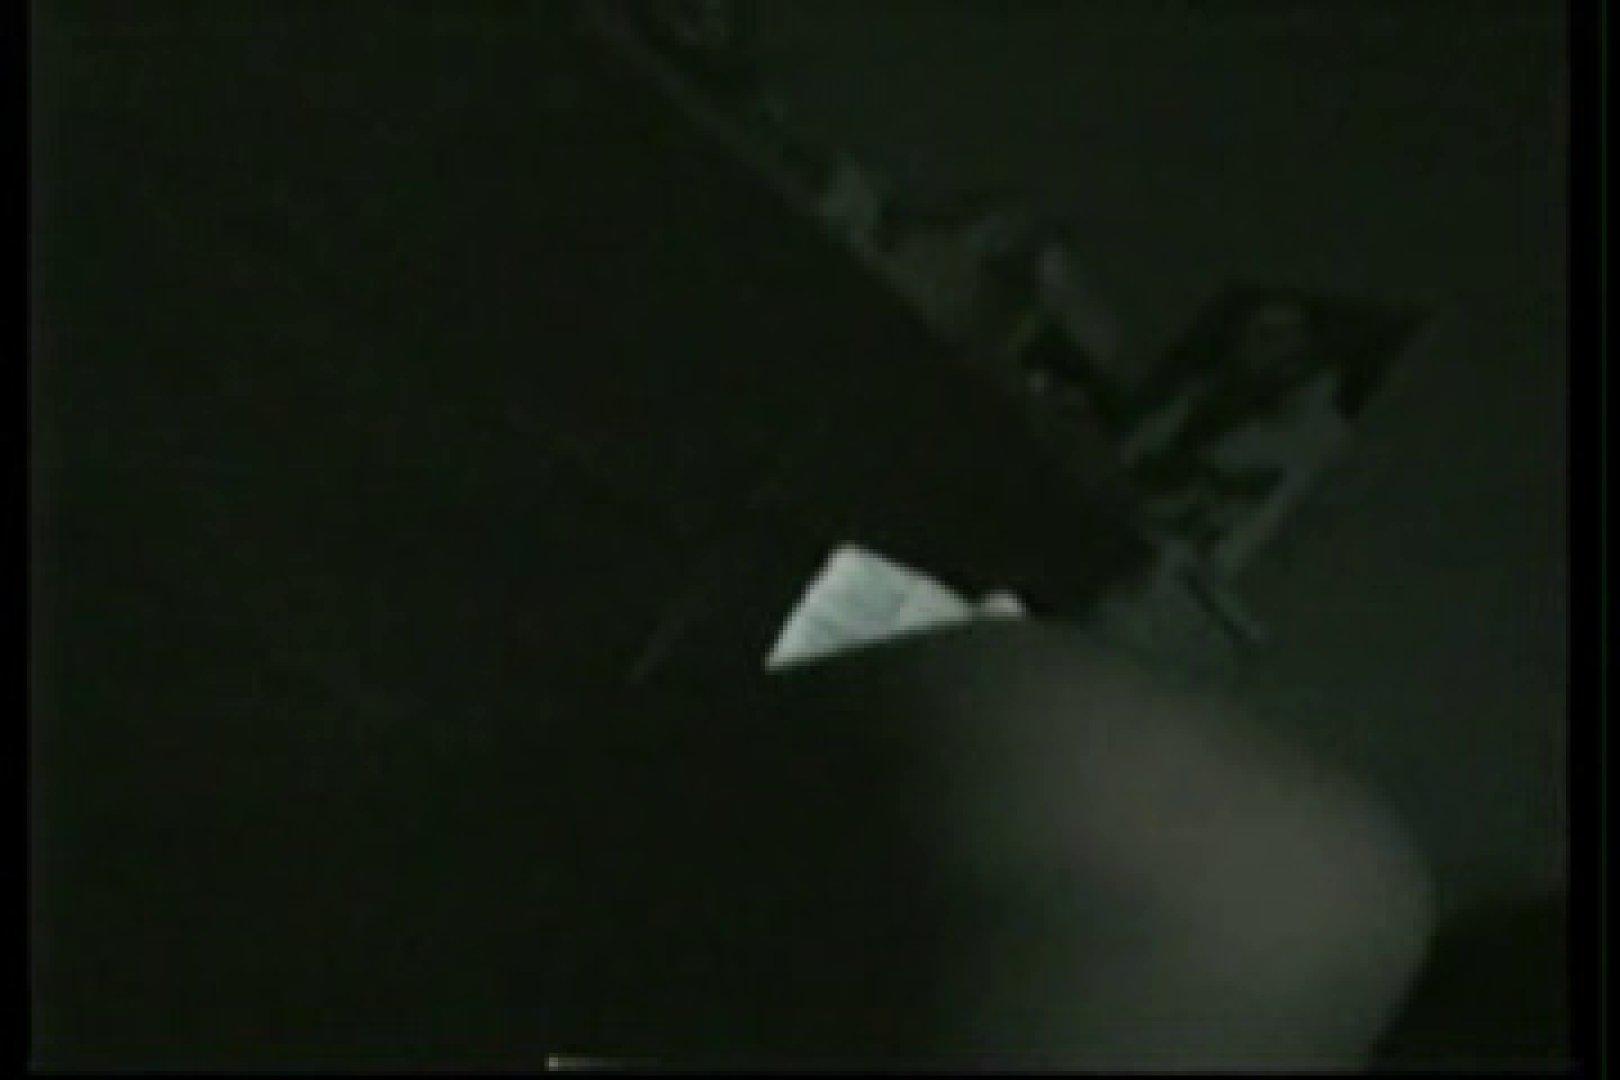 【実録個人撮影】男の子達の禁断の愛欲性活!!vol.02(対女性アナル責め) 責め ゲイエロ画像 105枚 63